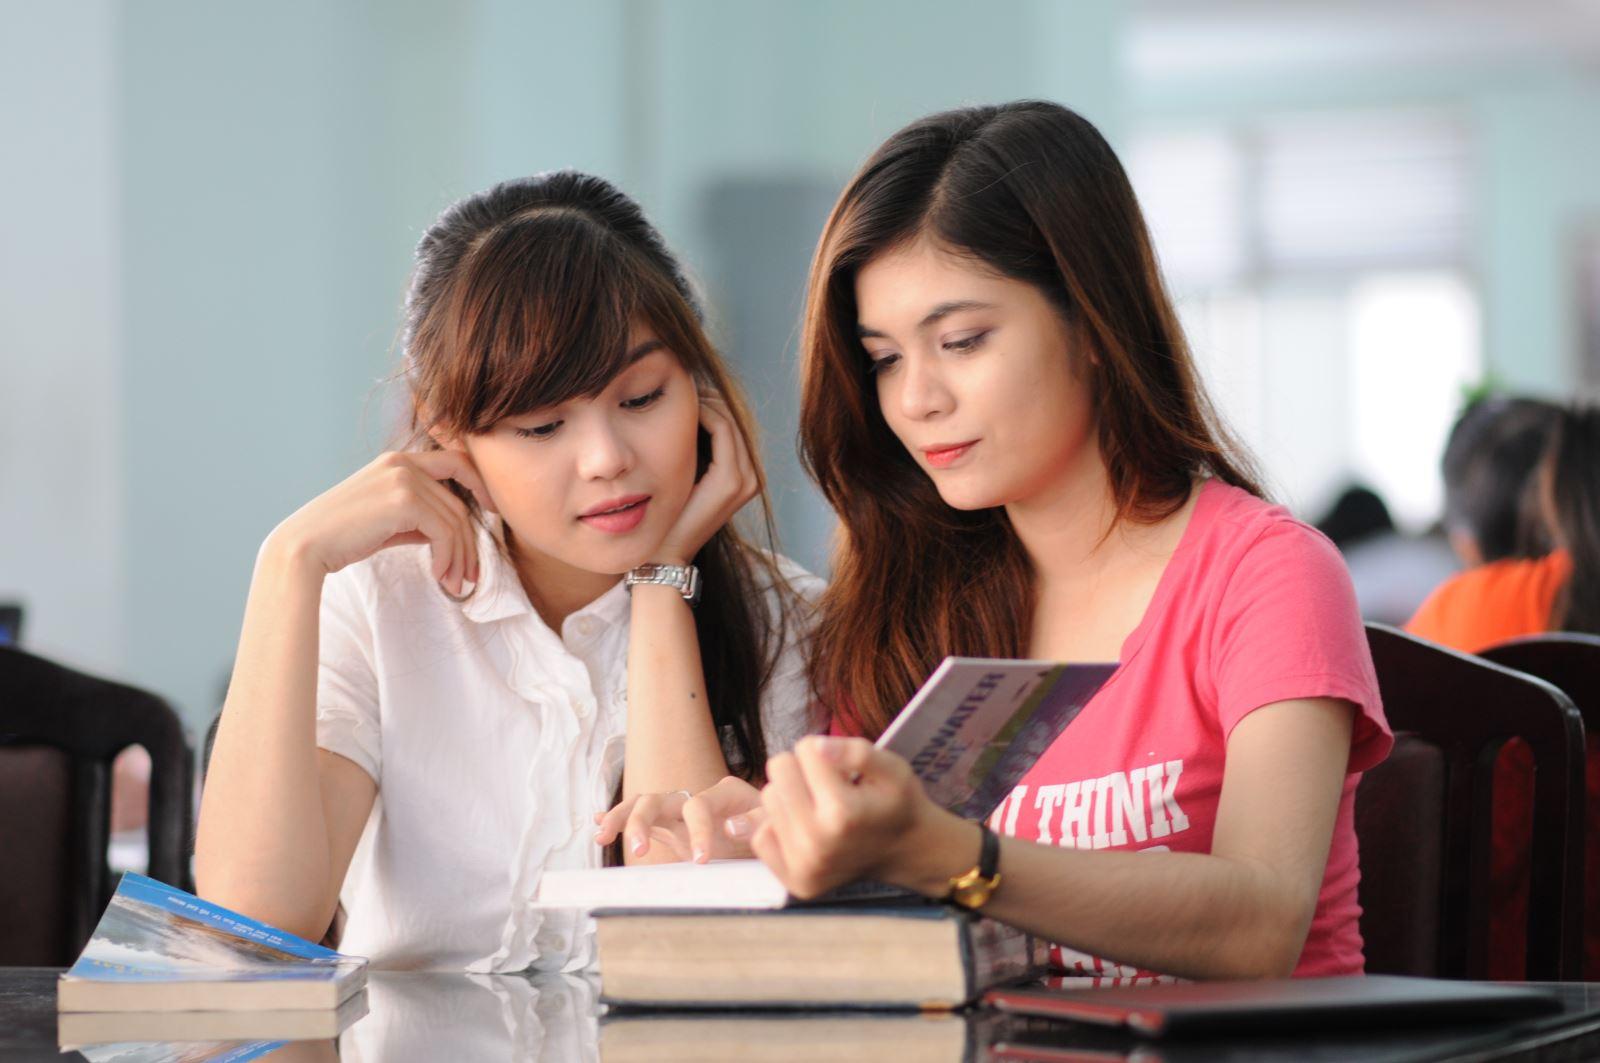 6 lời khuyên đắt giá về cách học Tiếng Anh dành riêng cho tân sinh viên